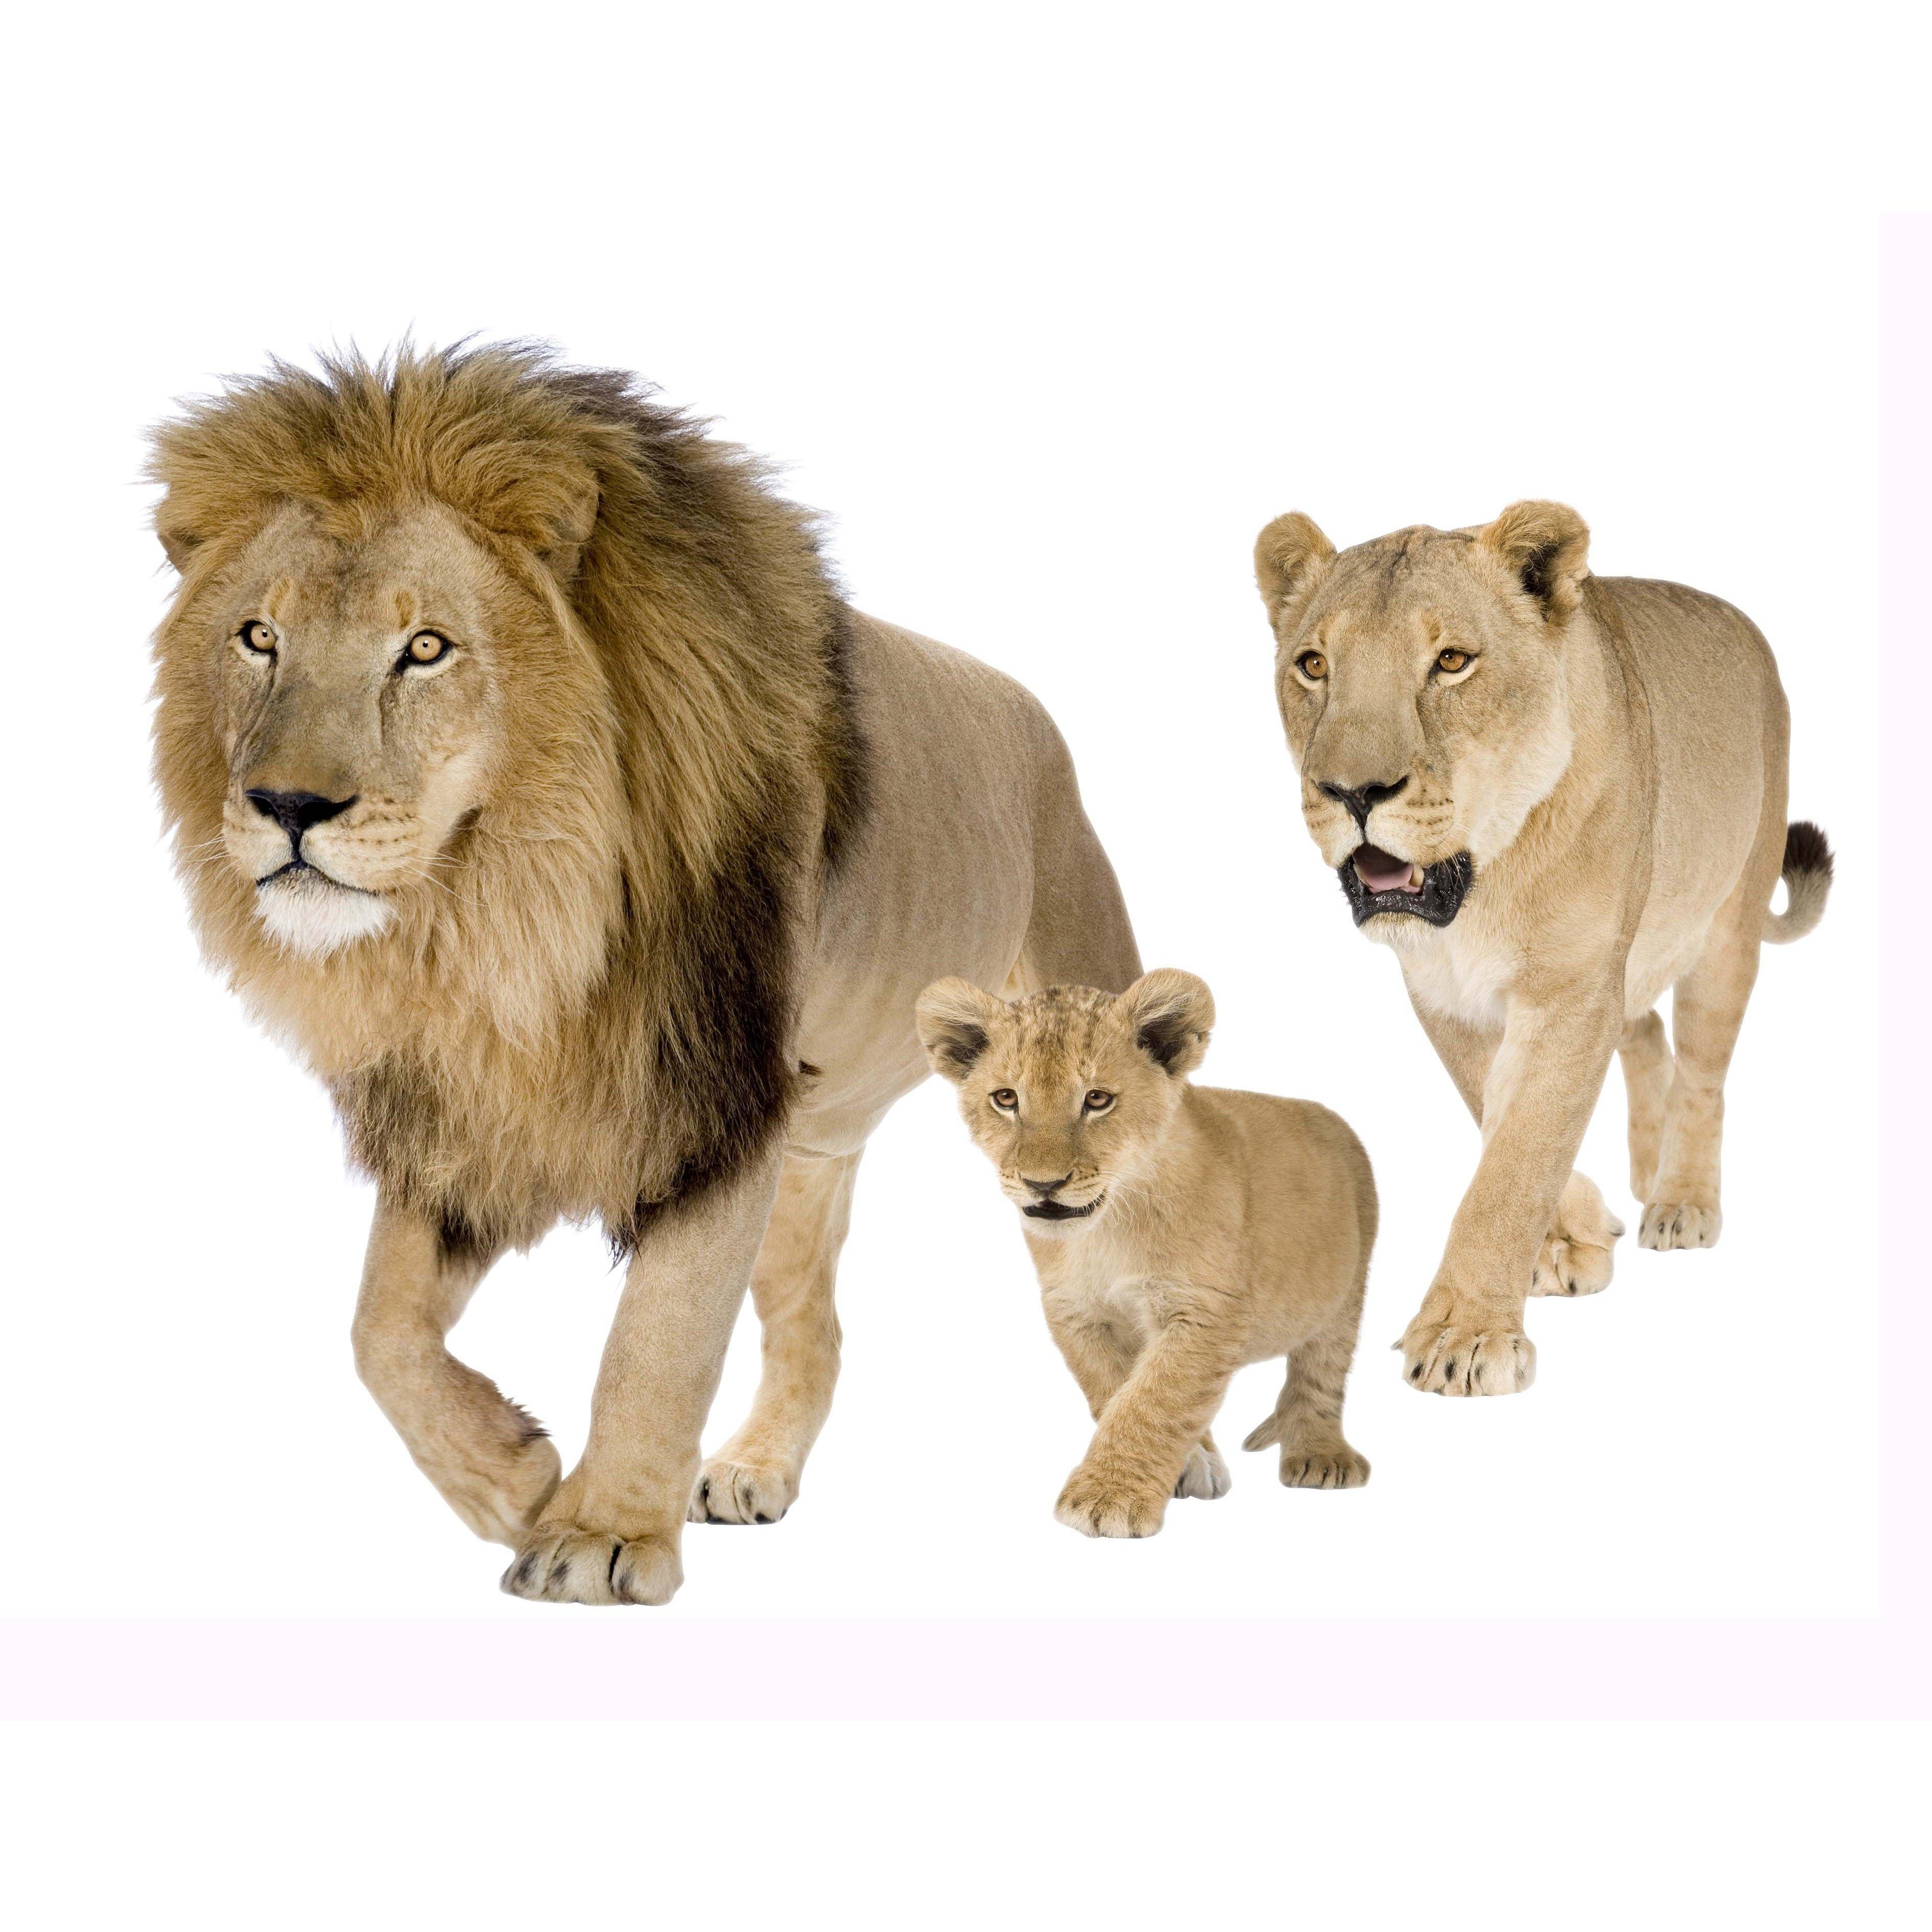 Leeuwenfamilie, 2 formaten - Dieren - Muurstickers | Klein&Fijn.nl